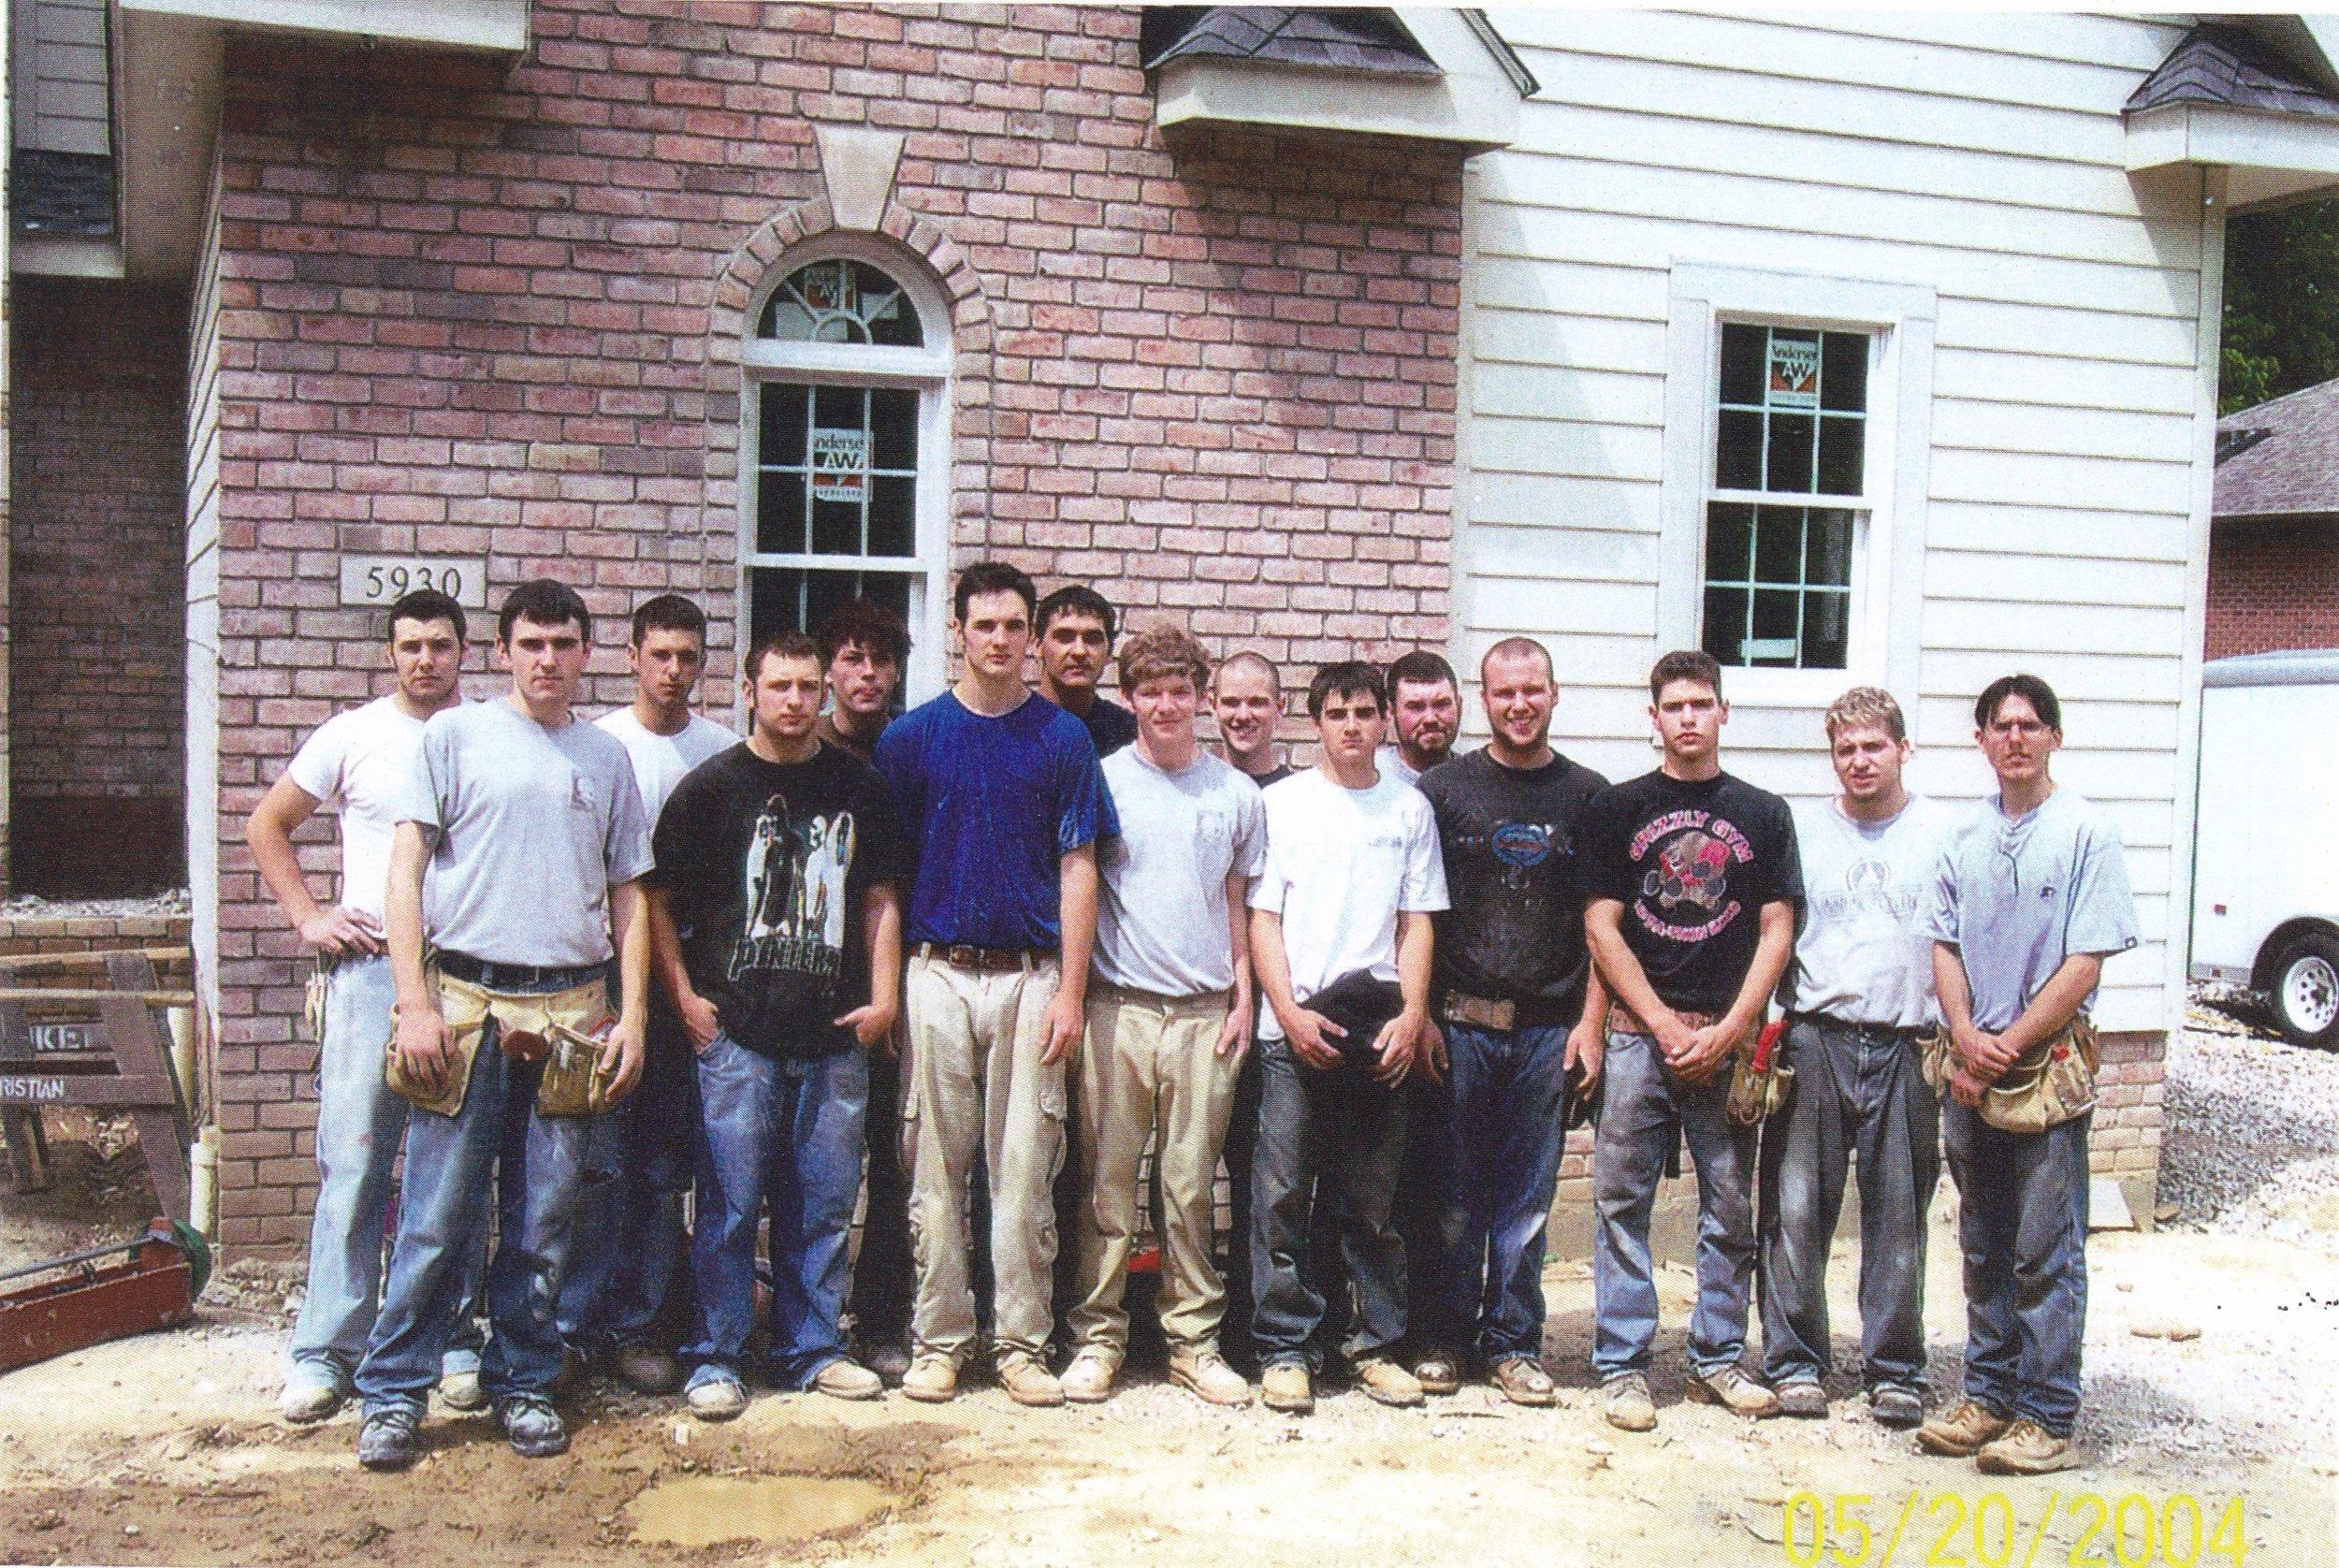 Parma High Vocational Carpentry class of 2004